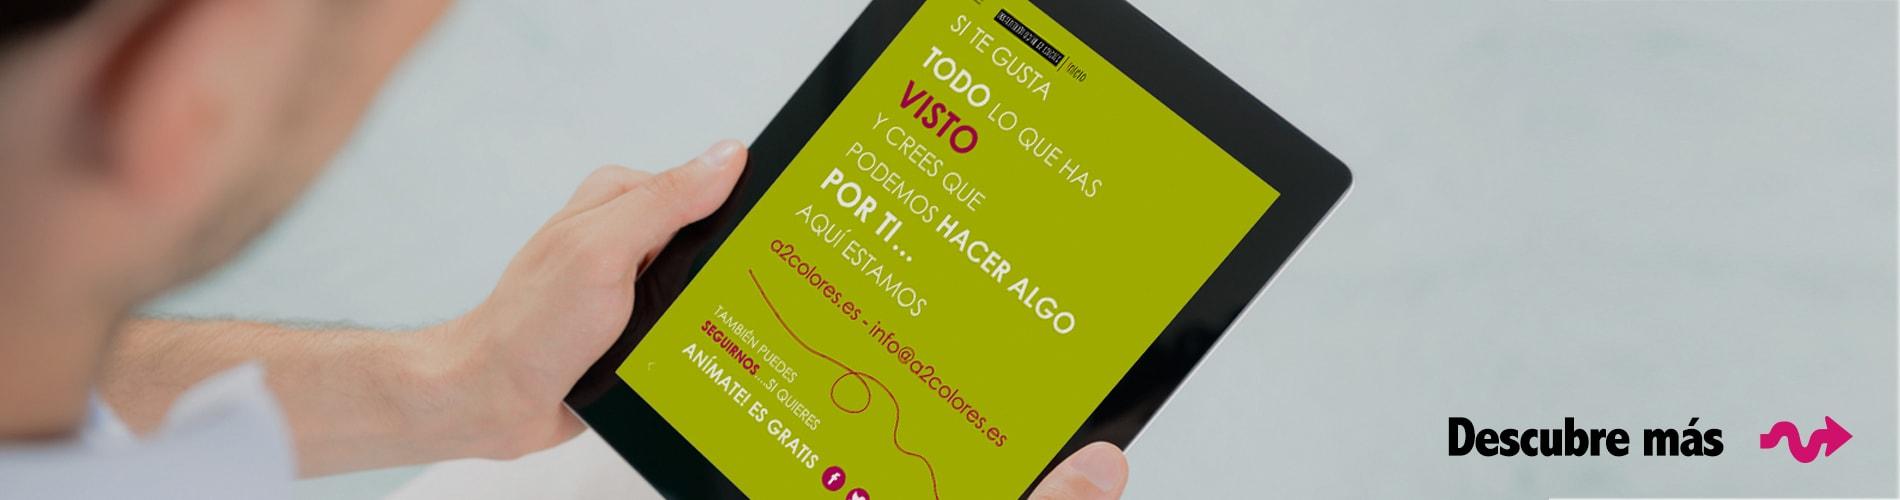 banner-publicaciones-digitales-interactivas